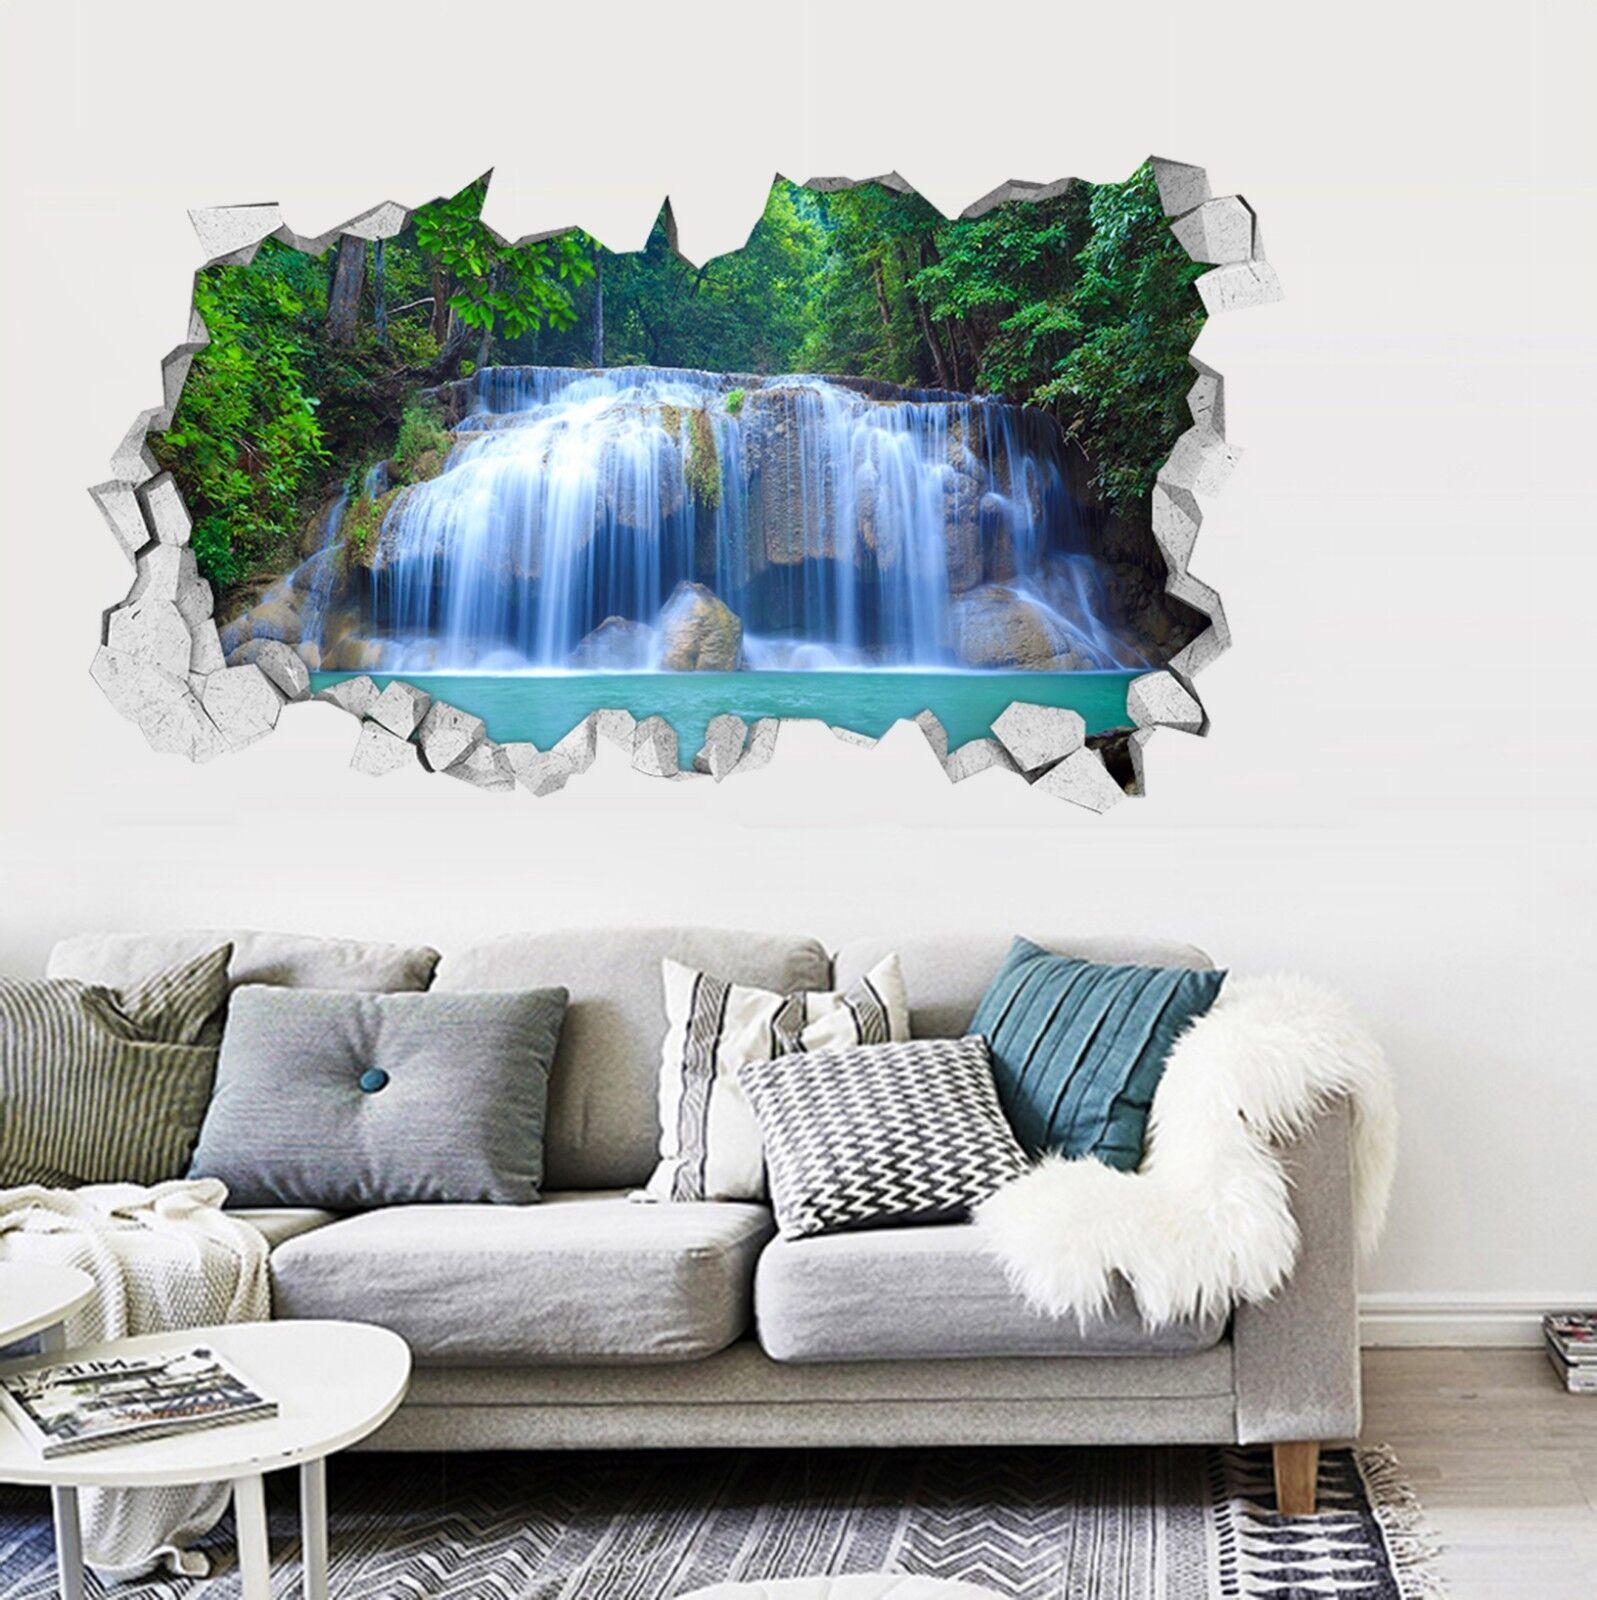 3D Fluss Wasserfall Mauer Murals Mauer Aufklebe Decal Durchbruch AJ WALLPAPER DE